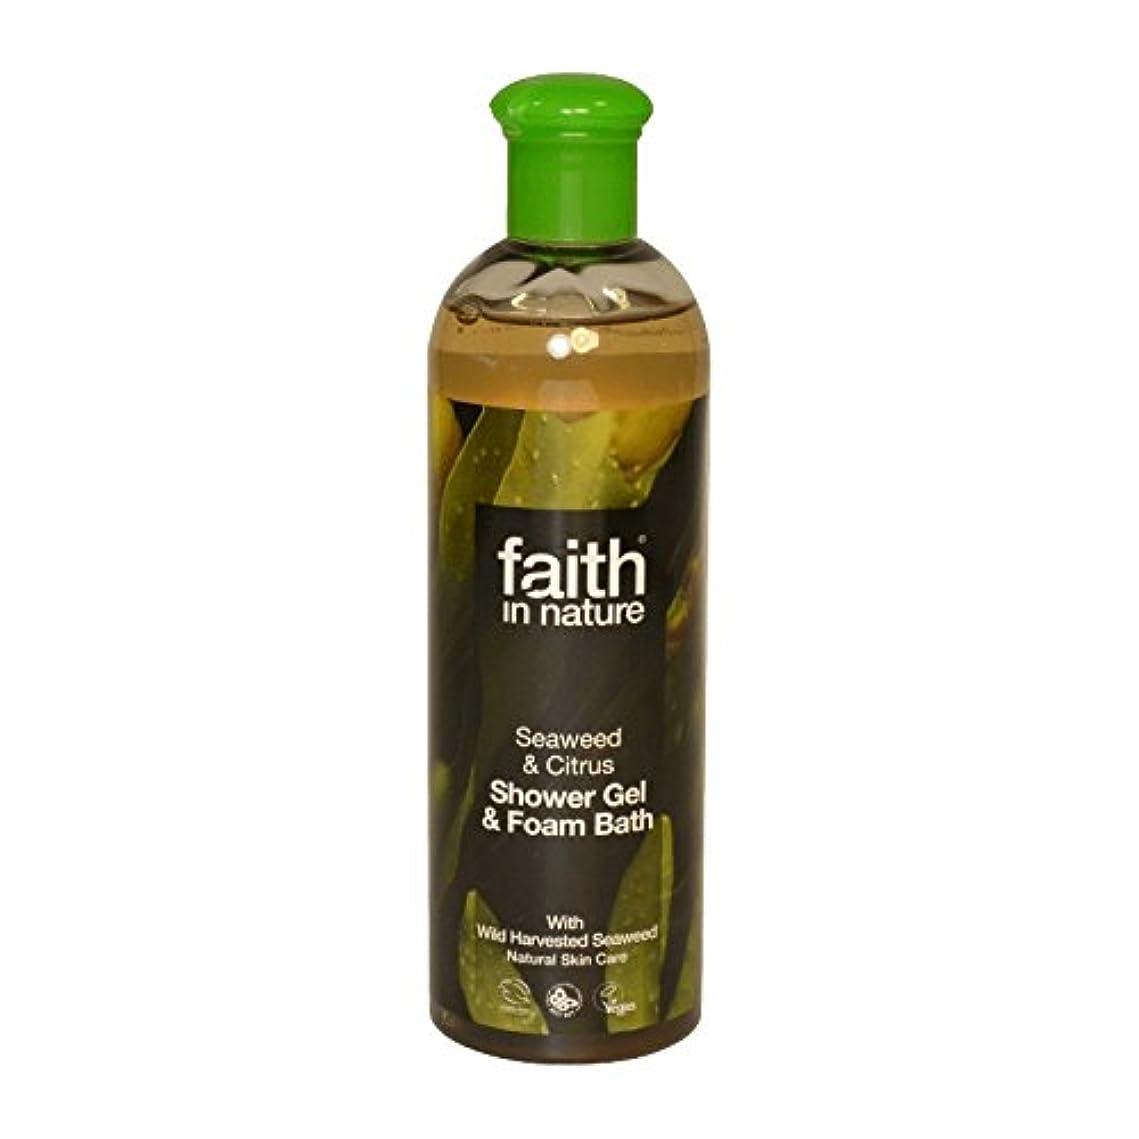 ポジティブ彼まあFaith in Nature Seaweed & Citrus Shower Gel & Bath Foam 400ml (Pack of 2) - 自然の海藻&シトラスシャワージェル&バス泡400ミリリットルの信仰 (x2) [並行輸入品]